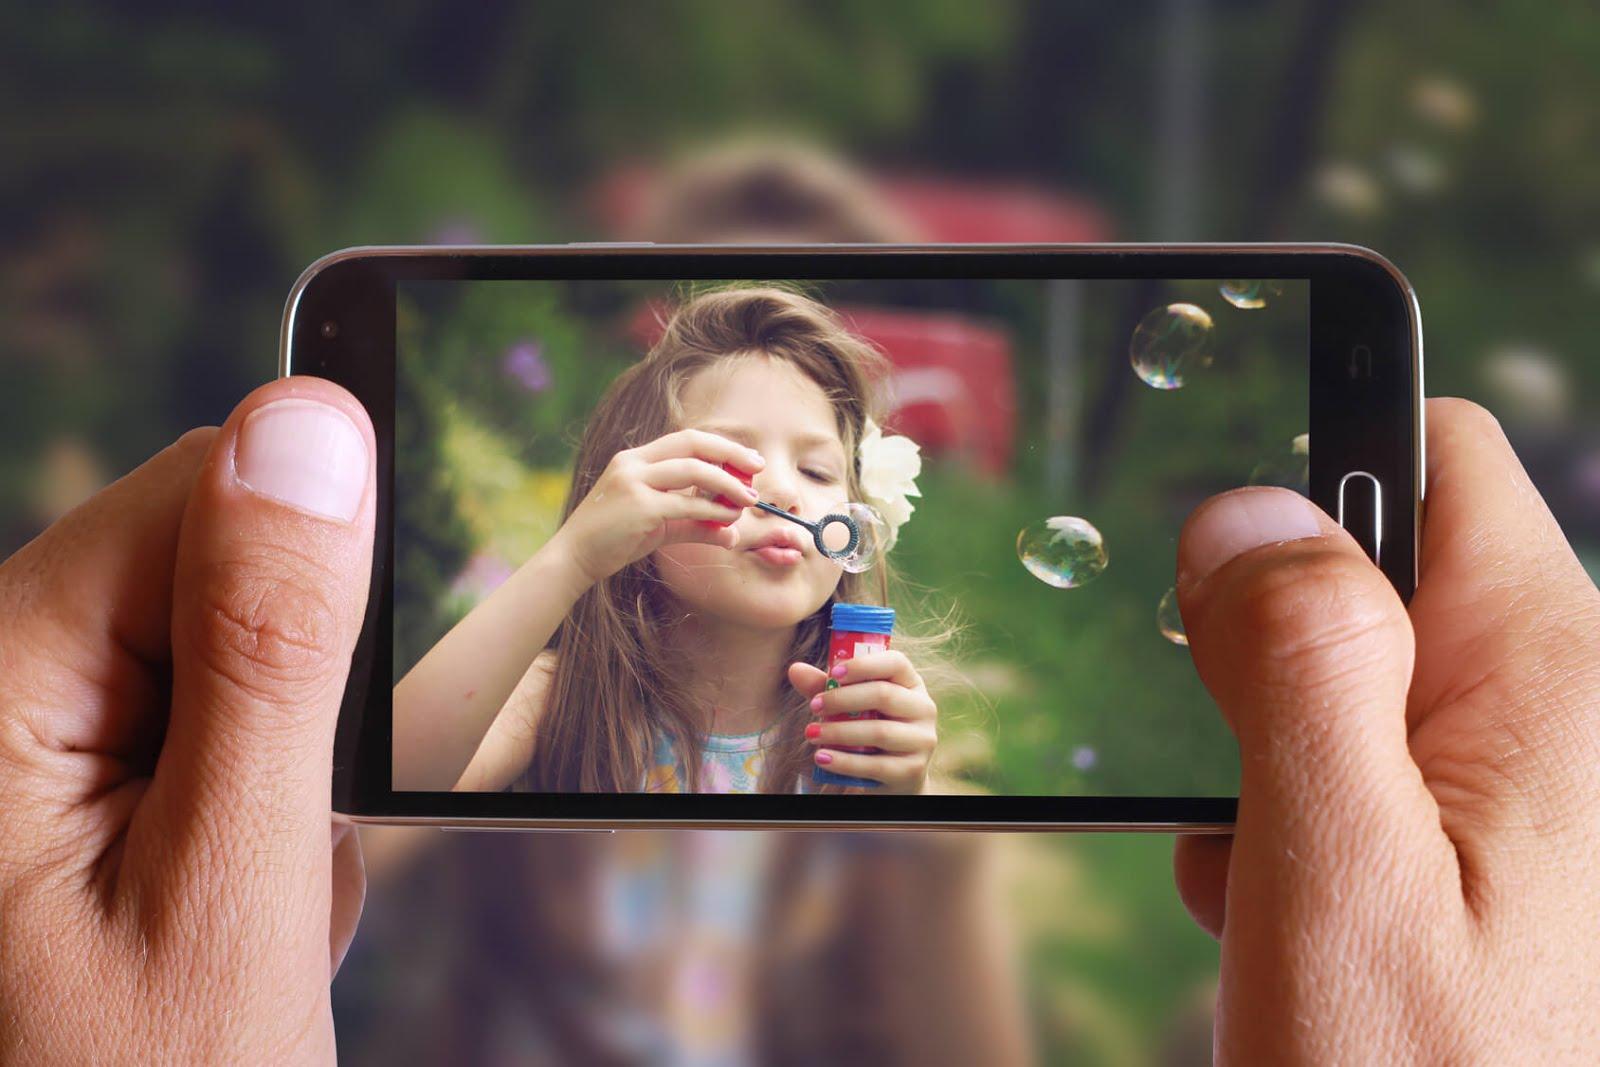 чувак с кучей фотоаппаратов фоткает на мобилу - 8